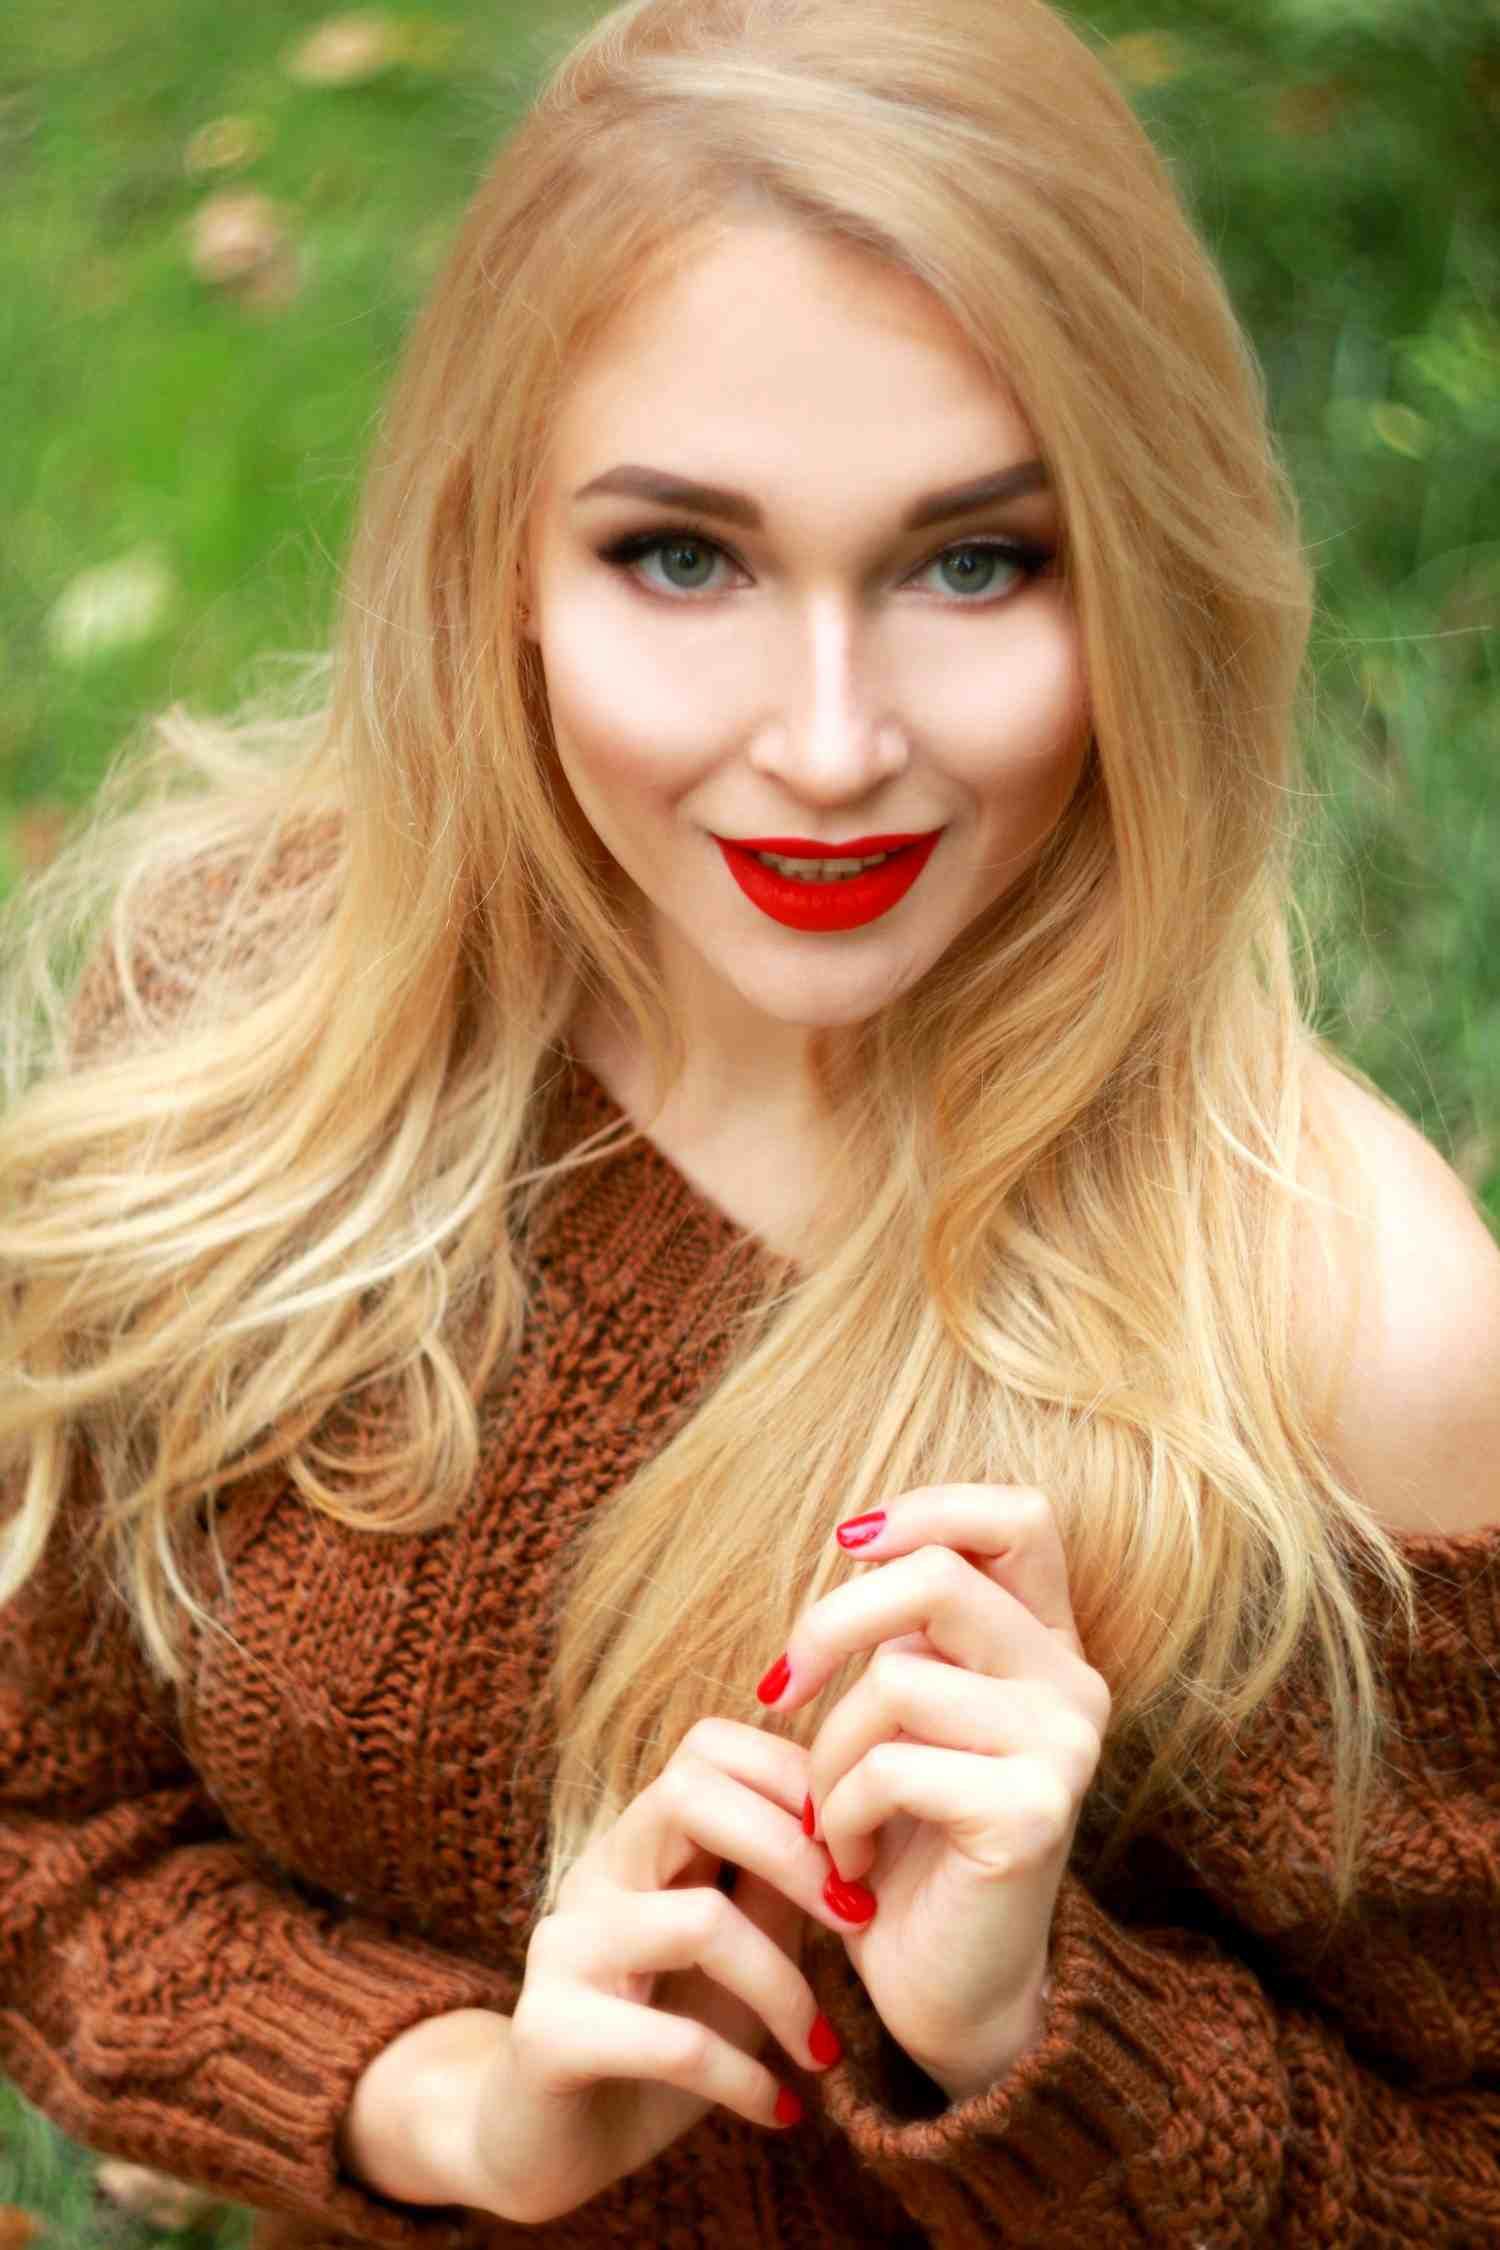 Blondehottie23f